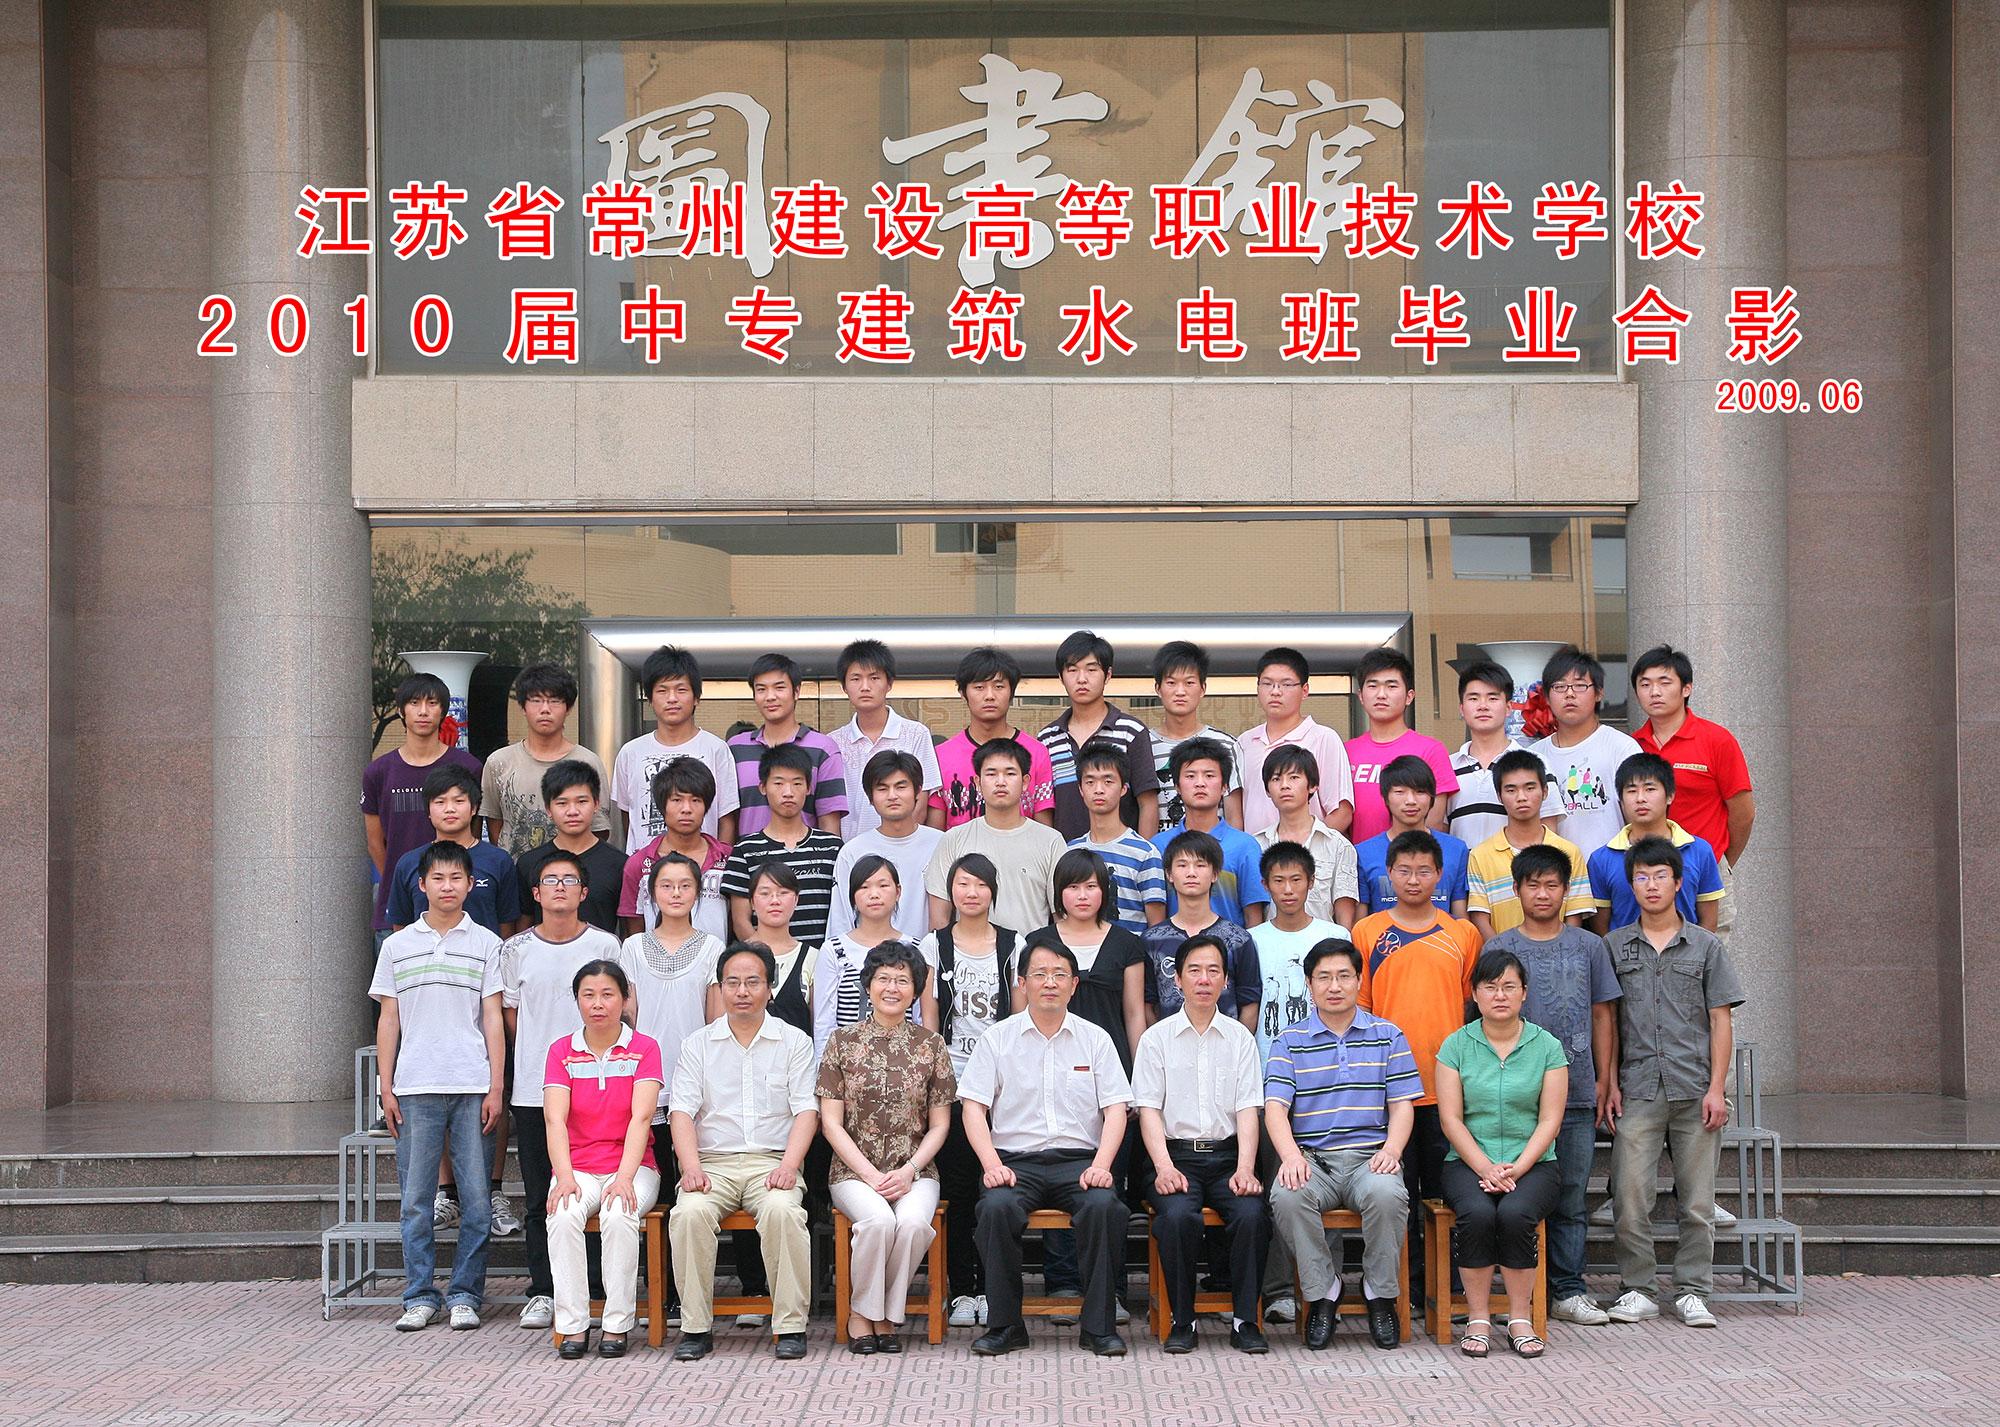 2010届中专建筑水电班毕业合影